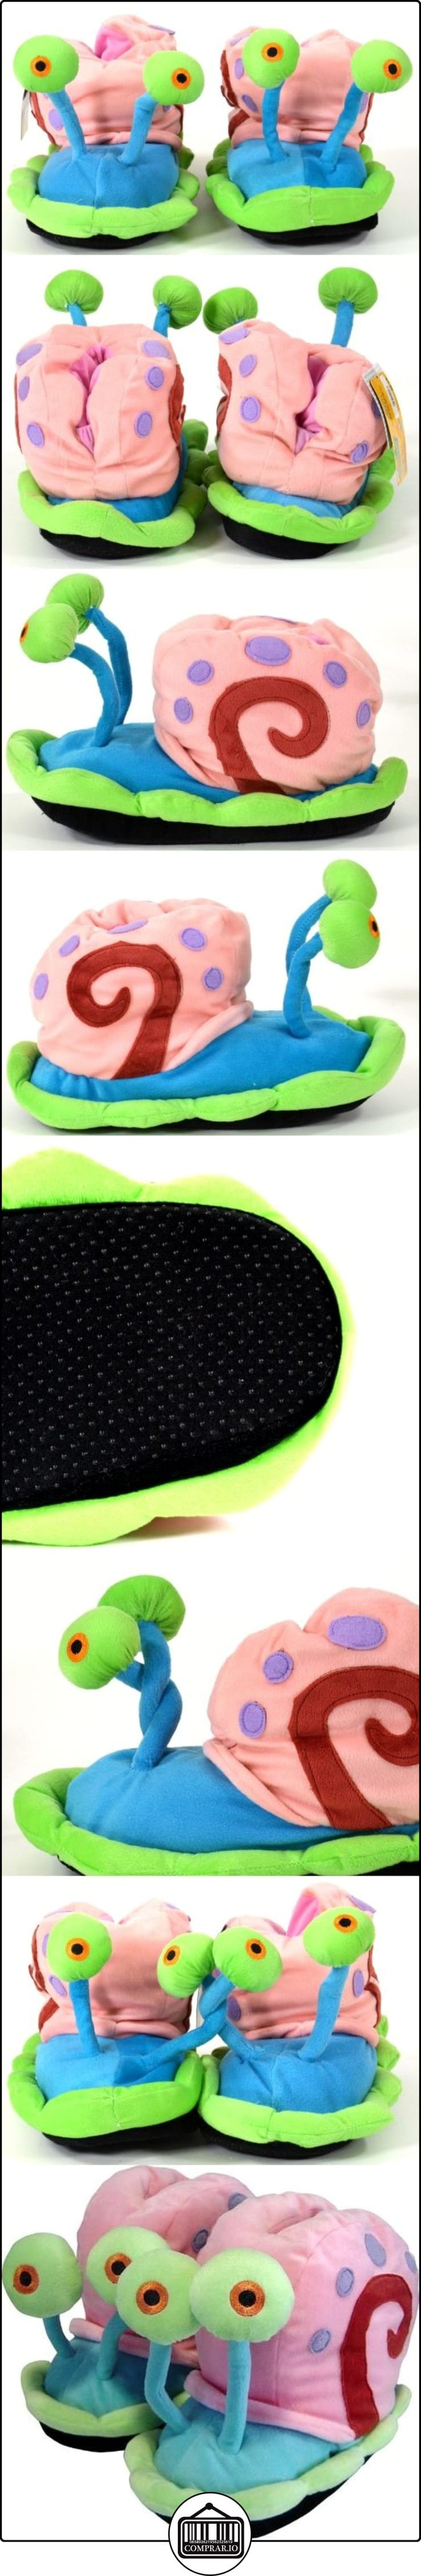 Spongebob Schwammkopf 112225  - Zapatillas de felpa de estar por casa diseño Bob Esponja : Gary (talla L) [Importado de Alemania]  ✿ Regalos para recién nacidos - Bebes ✿ ▬► Ver oferta: http://comprar.io/goto/B000QUPNOC